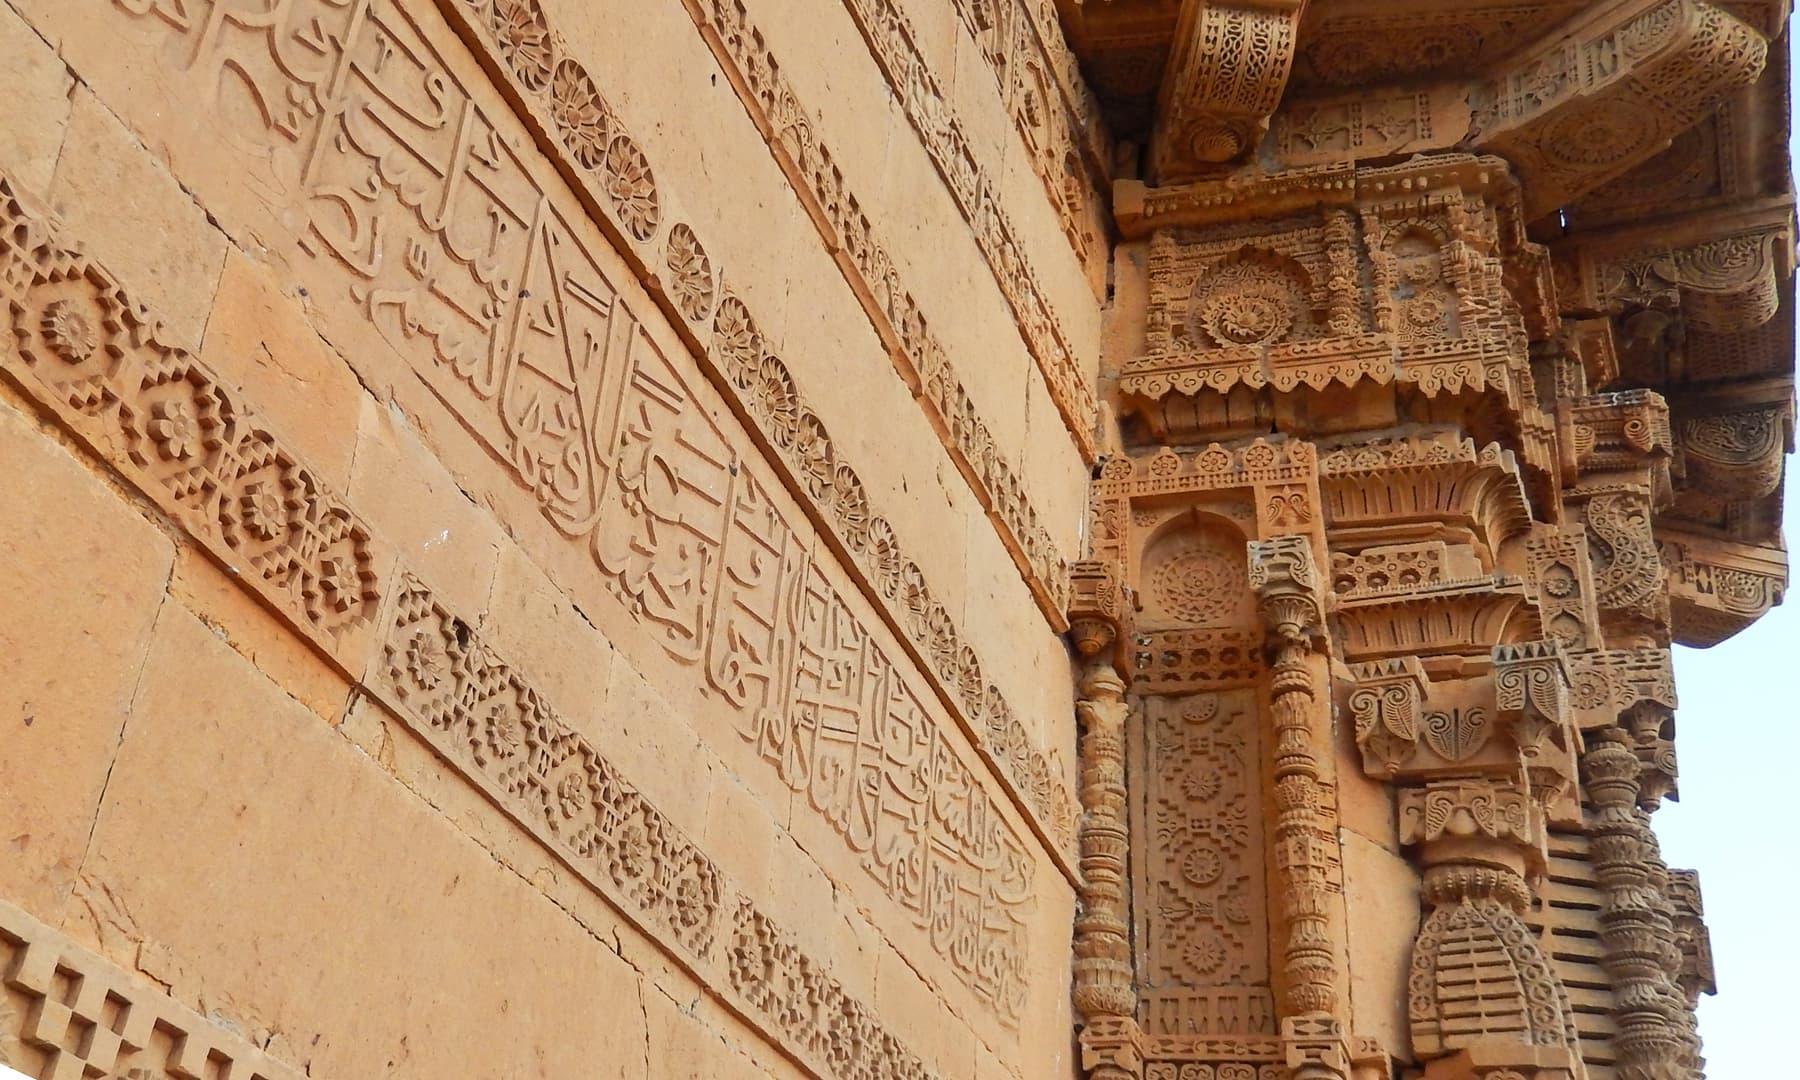 مکلی کے مقام پر سنگتراشی کے شاہکار نمونے — تصویر ابوبکر شیخ